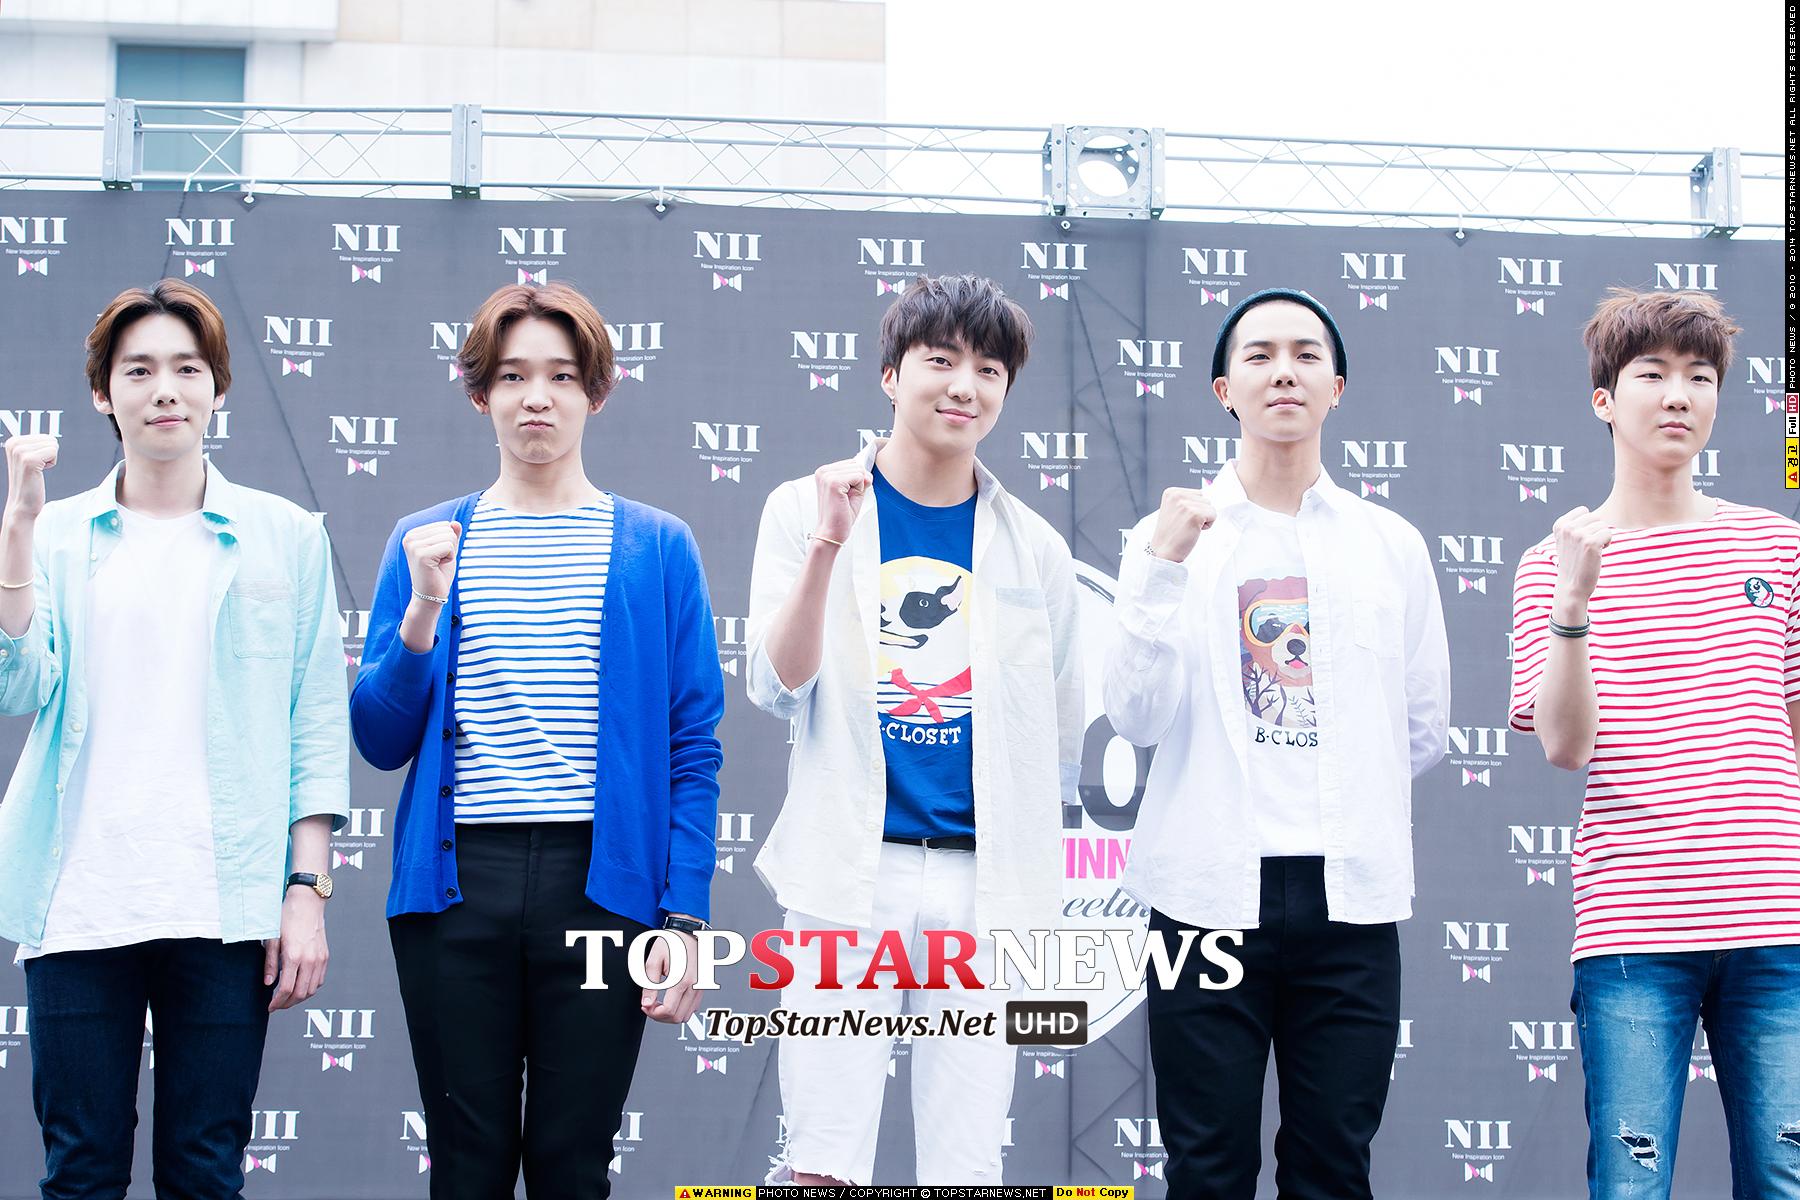 接下來的這位是 WINNER 的成員,也是韓國網友推薦的人選。